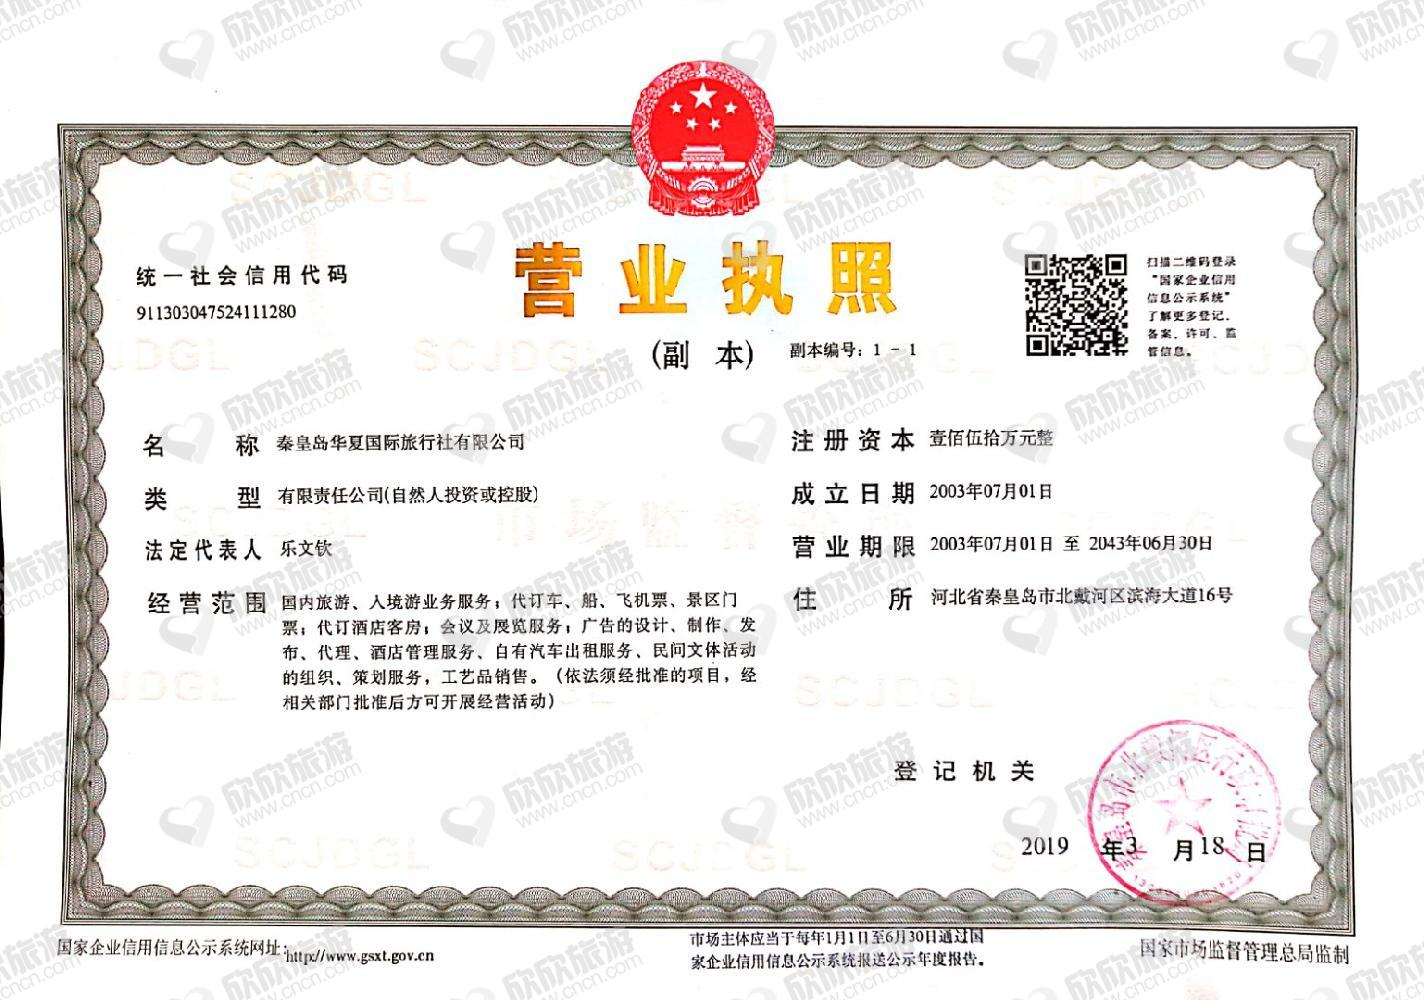 秦皇岛华夏国际旅行社有限公司营业执照